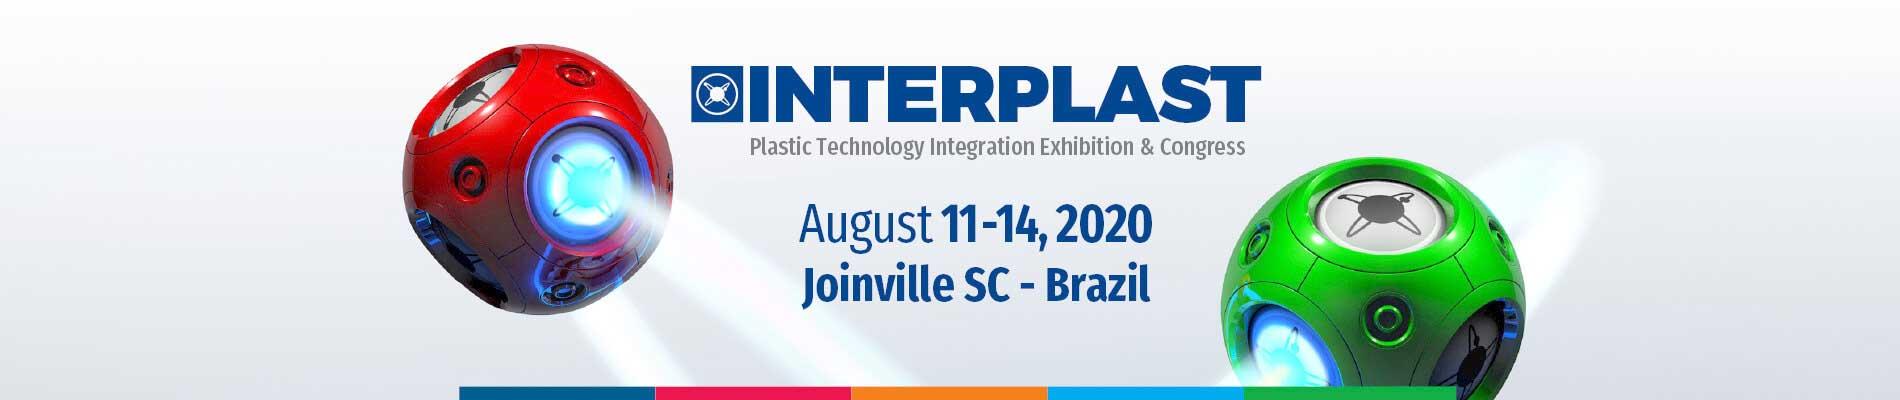 Interplast Banner